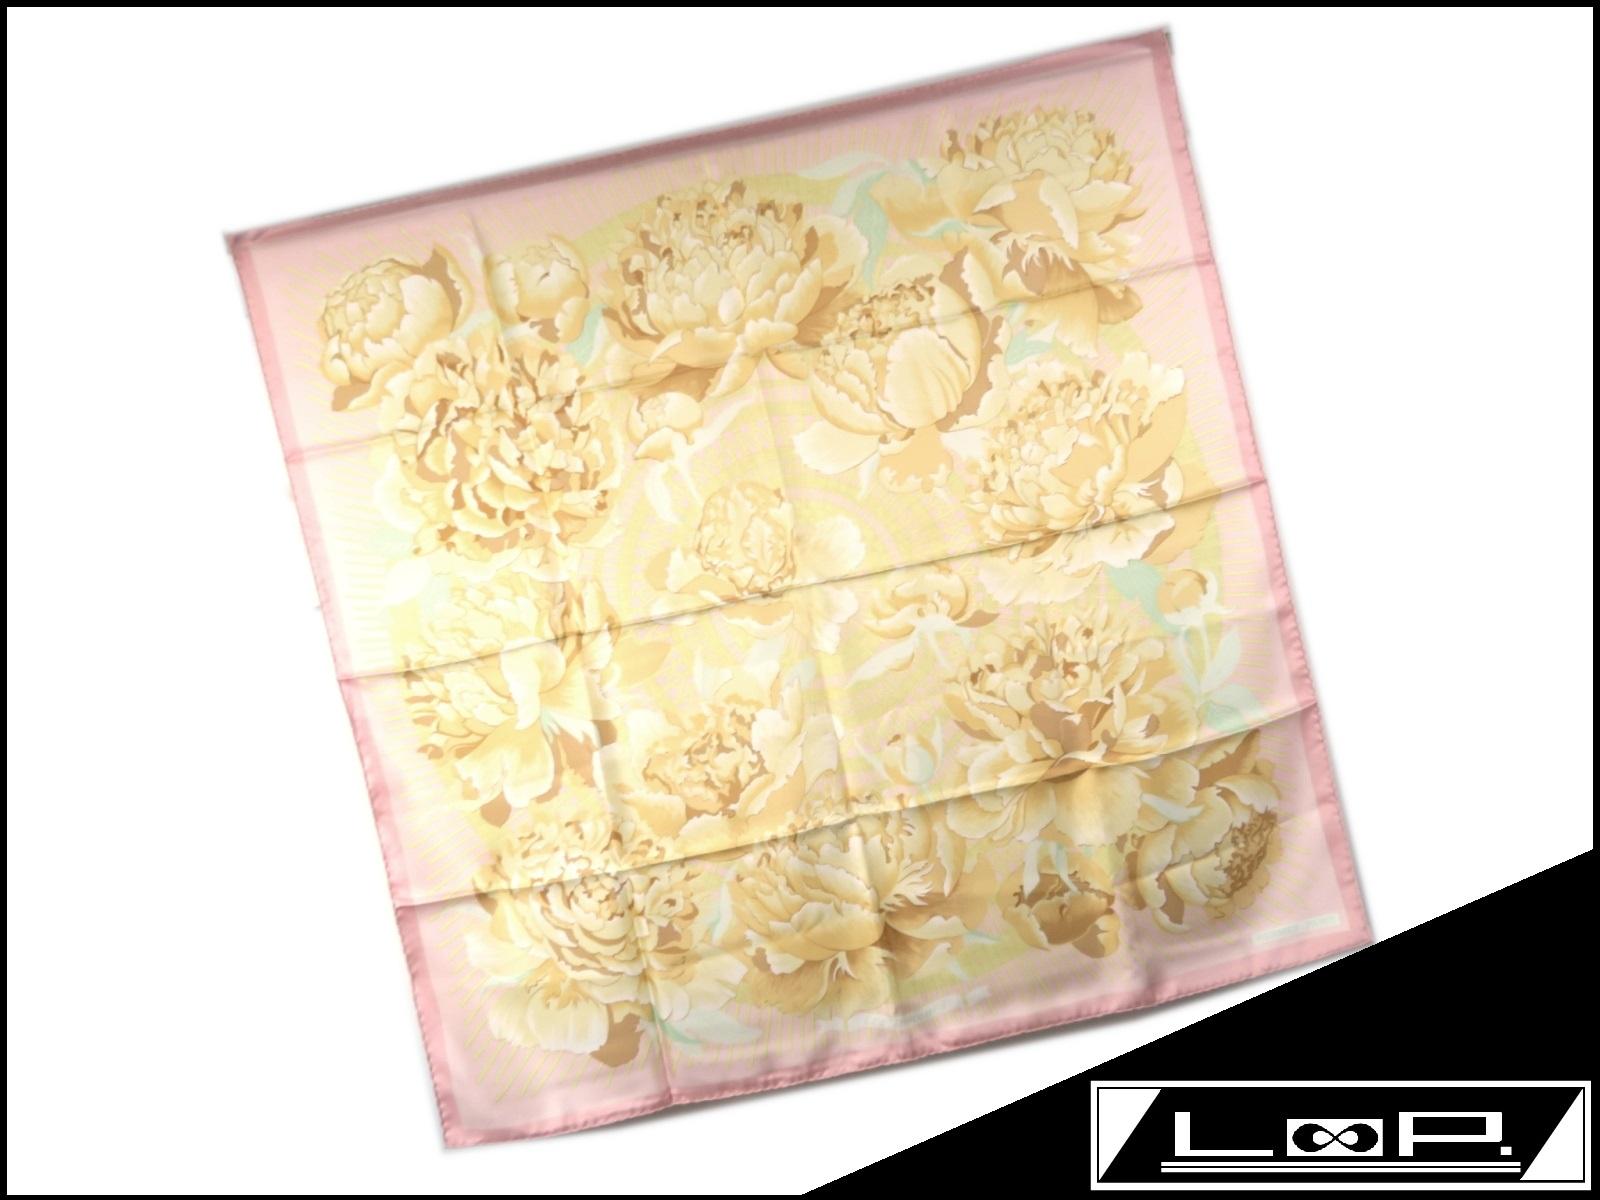 【美品】 HERMES エルメス カレ 90 Les pivoines 芍薬 スカーフ シルク ピンク ベージュ イエロー 花 フラワー 【A23792】 【中古】